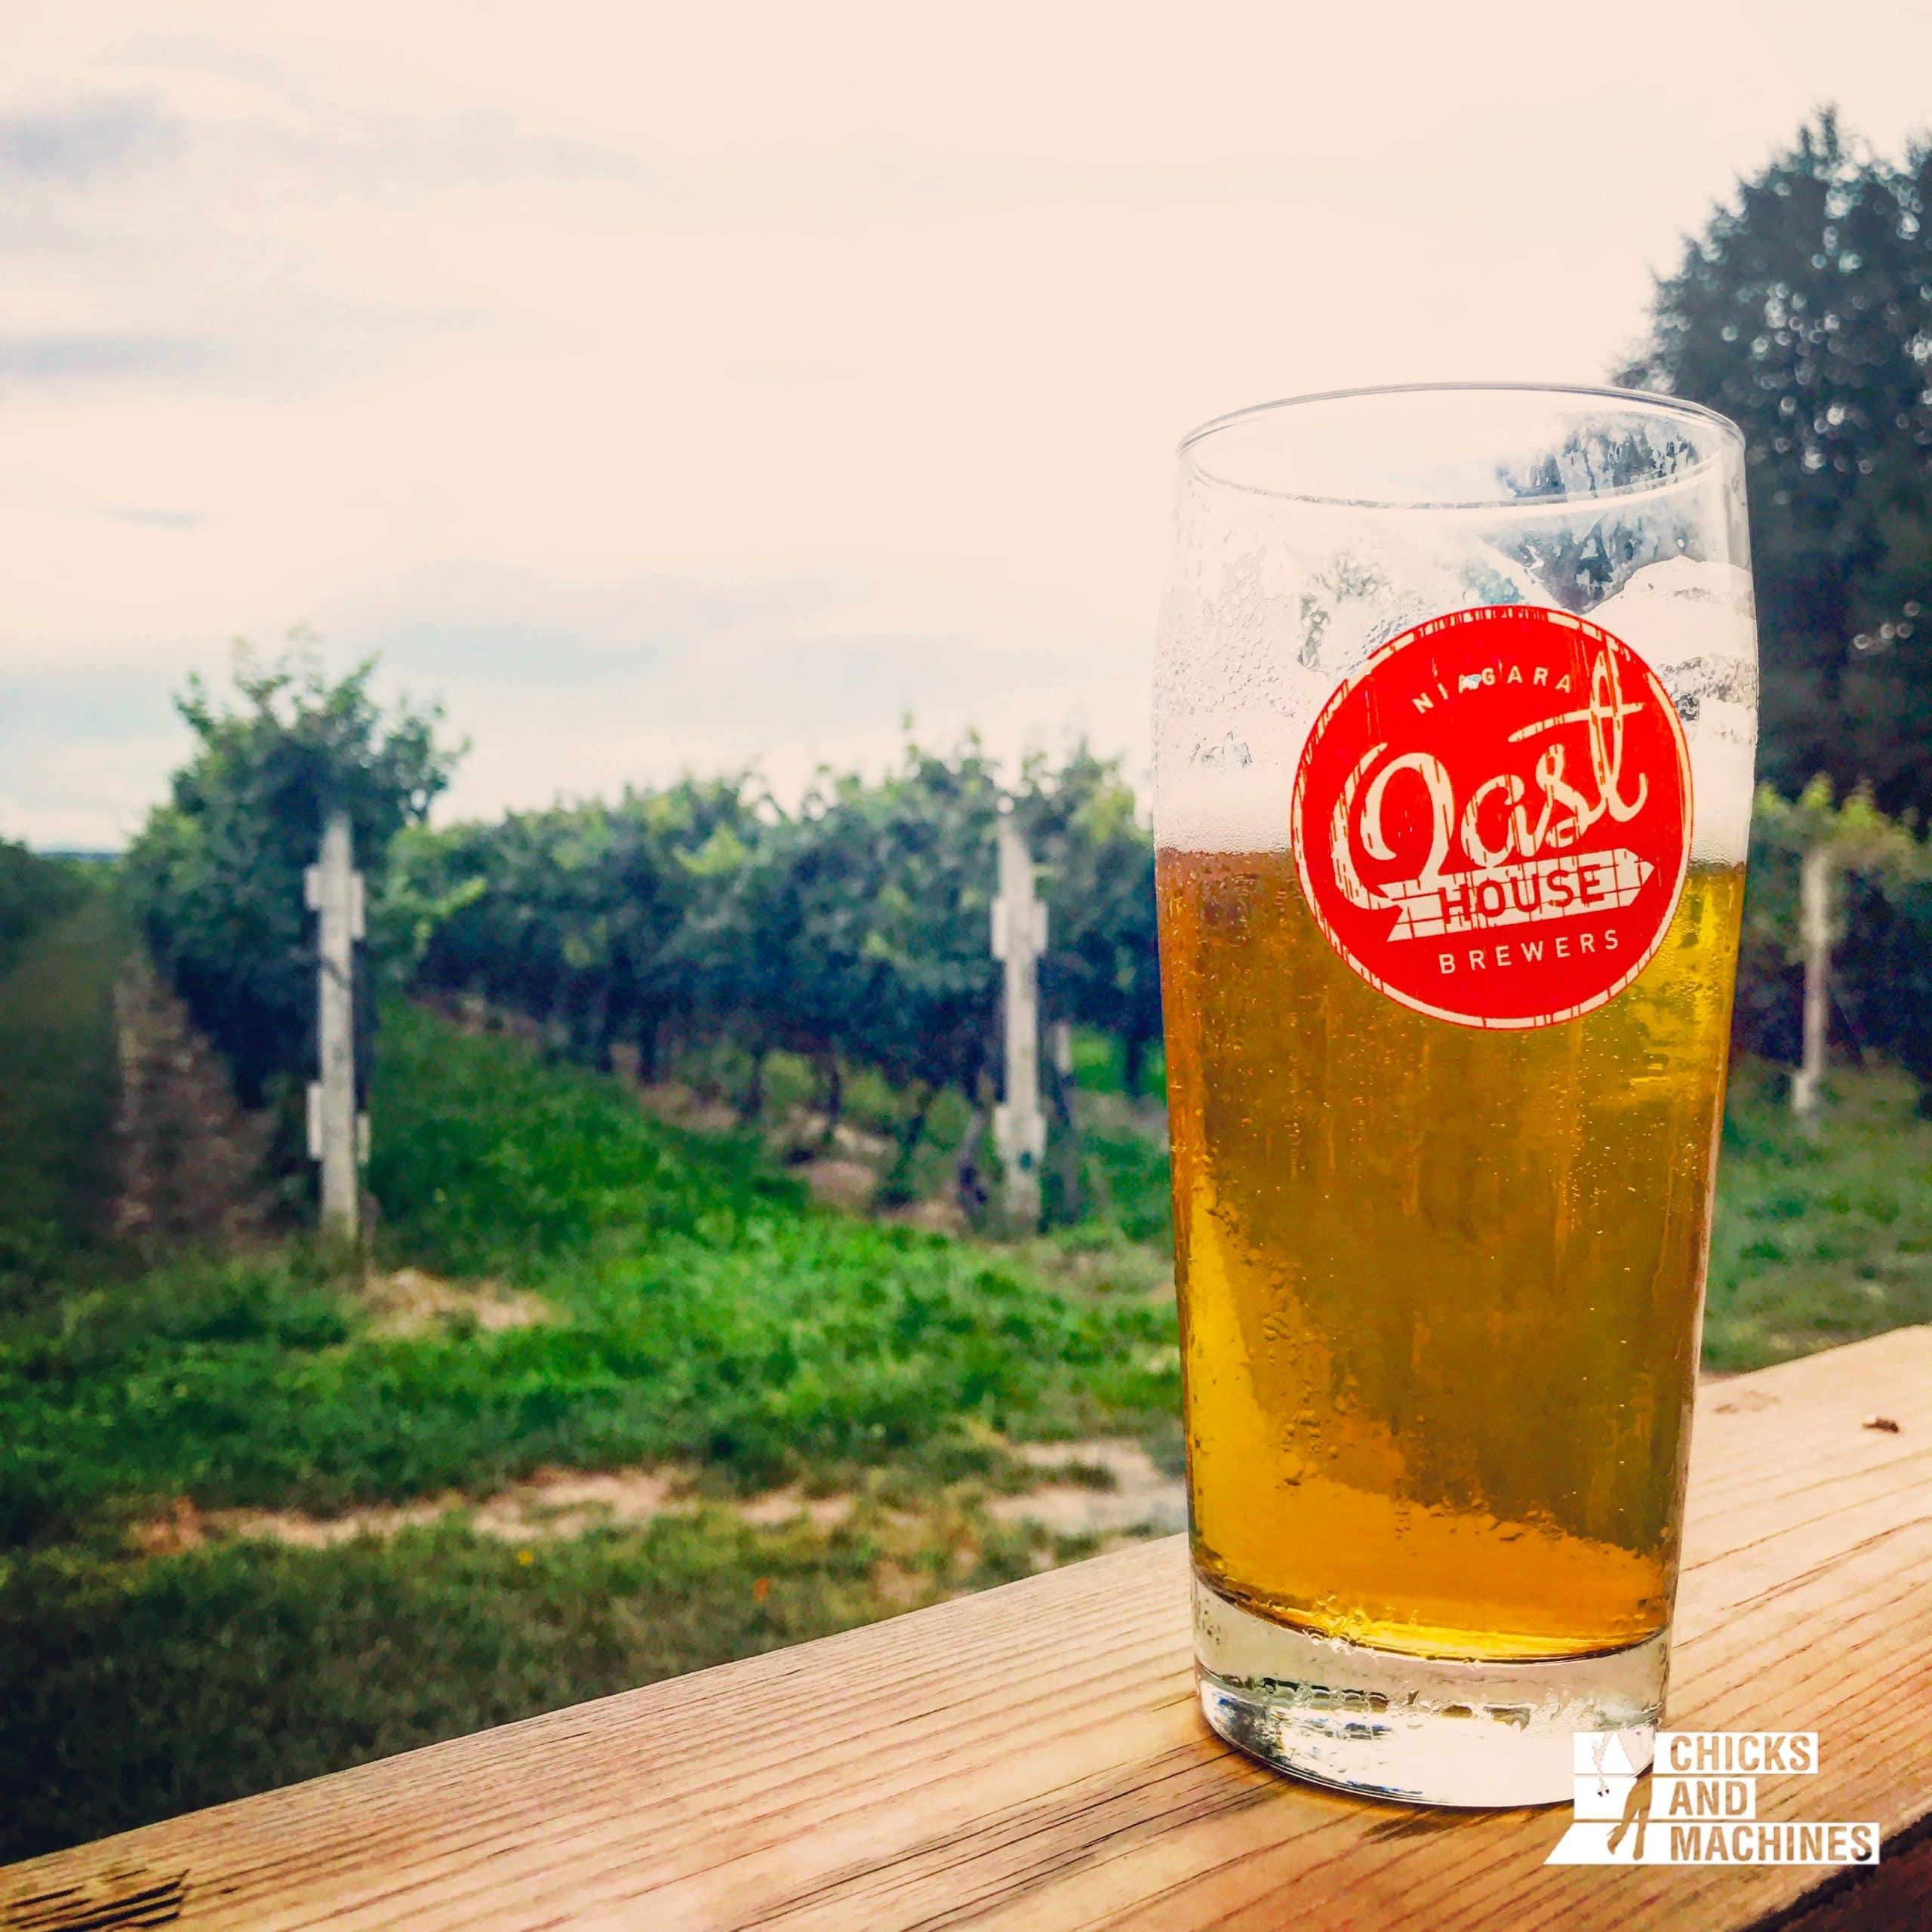 Une visite à Niagara Oast House Brewers pour bien finir le roadtrip !